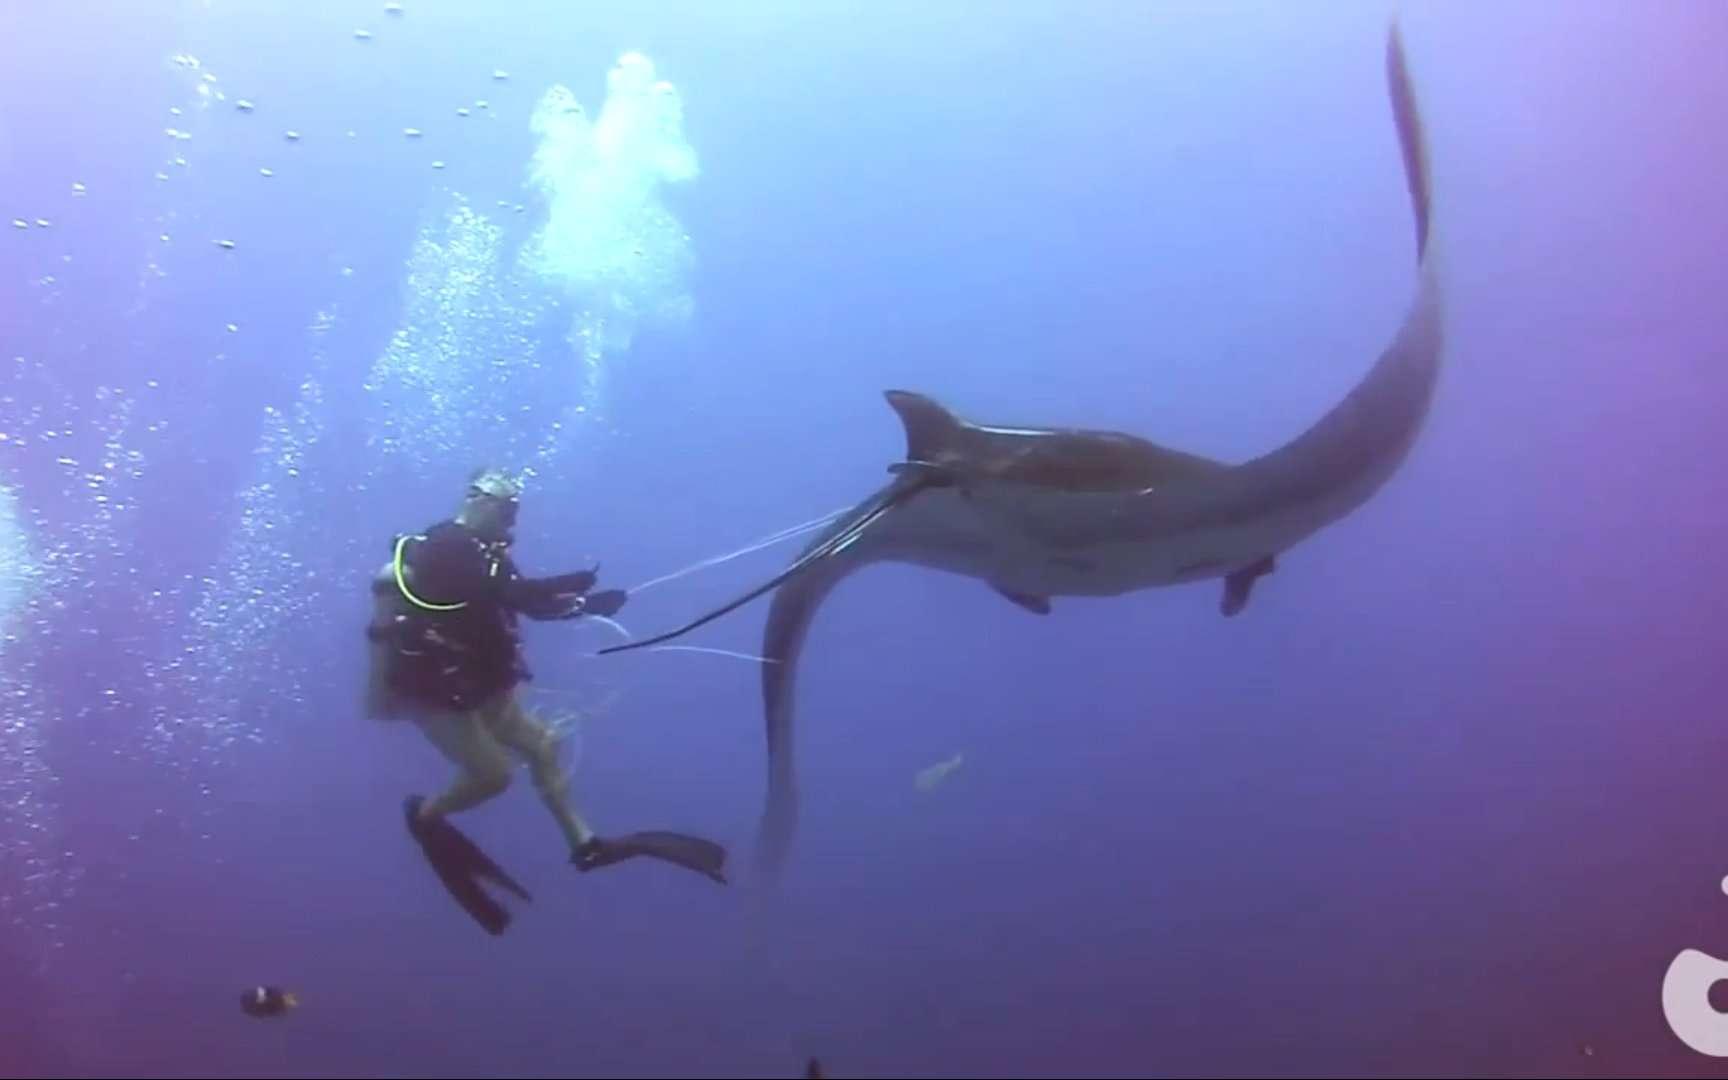 Un plongeur s'affaire pour retirer une ligne de pêche enroulée autour d'une raie manta. © oceanovideosub@gmail.com